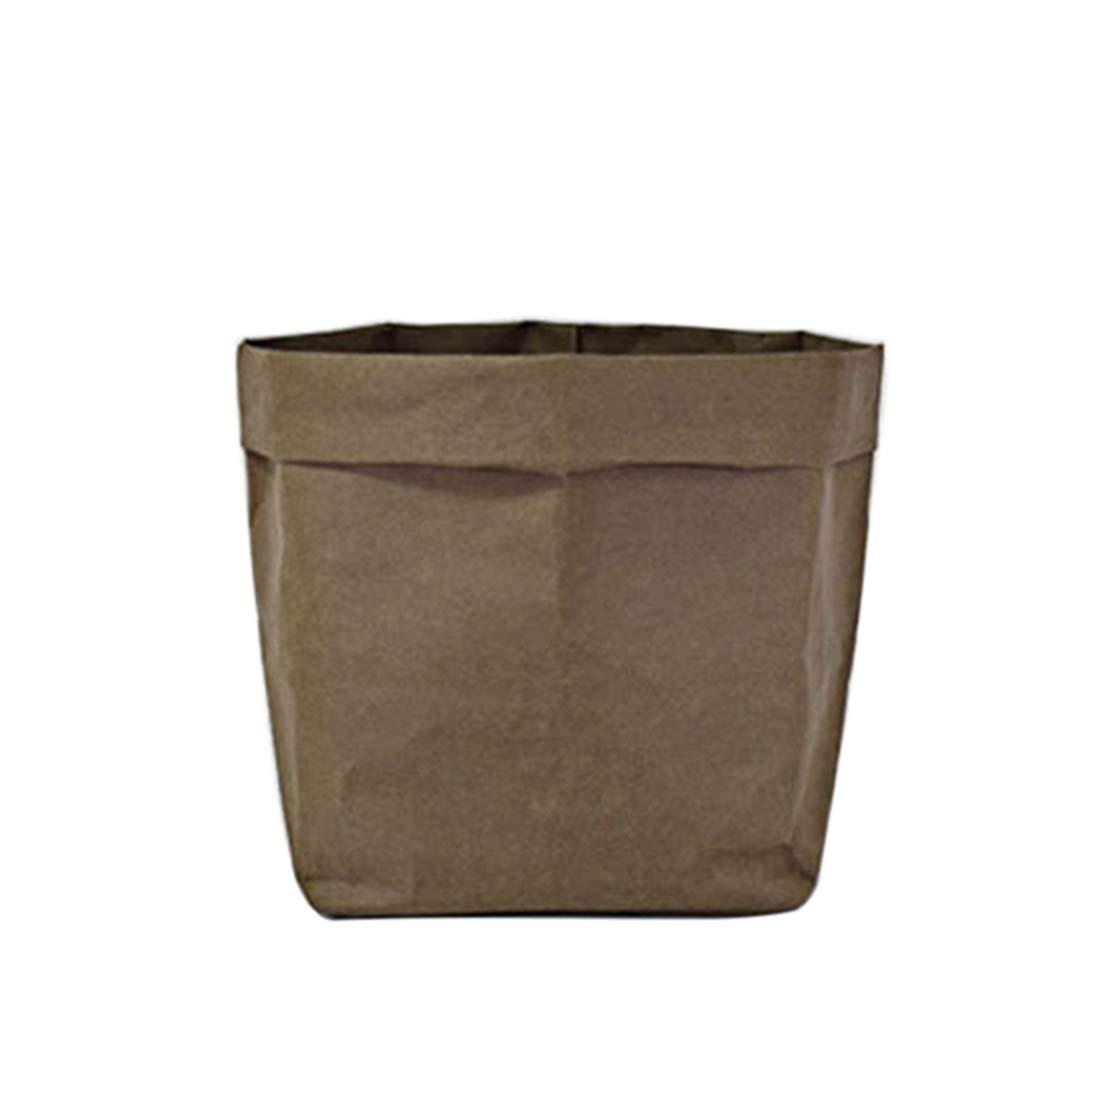 FREAHAP R WashableKraft Paper Bag Reusable Storage Bins Plants Organizer Cover Storage Basket for Food/Fruit